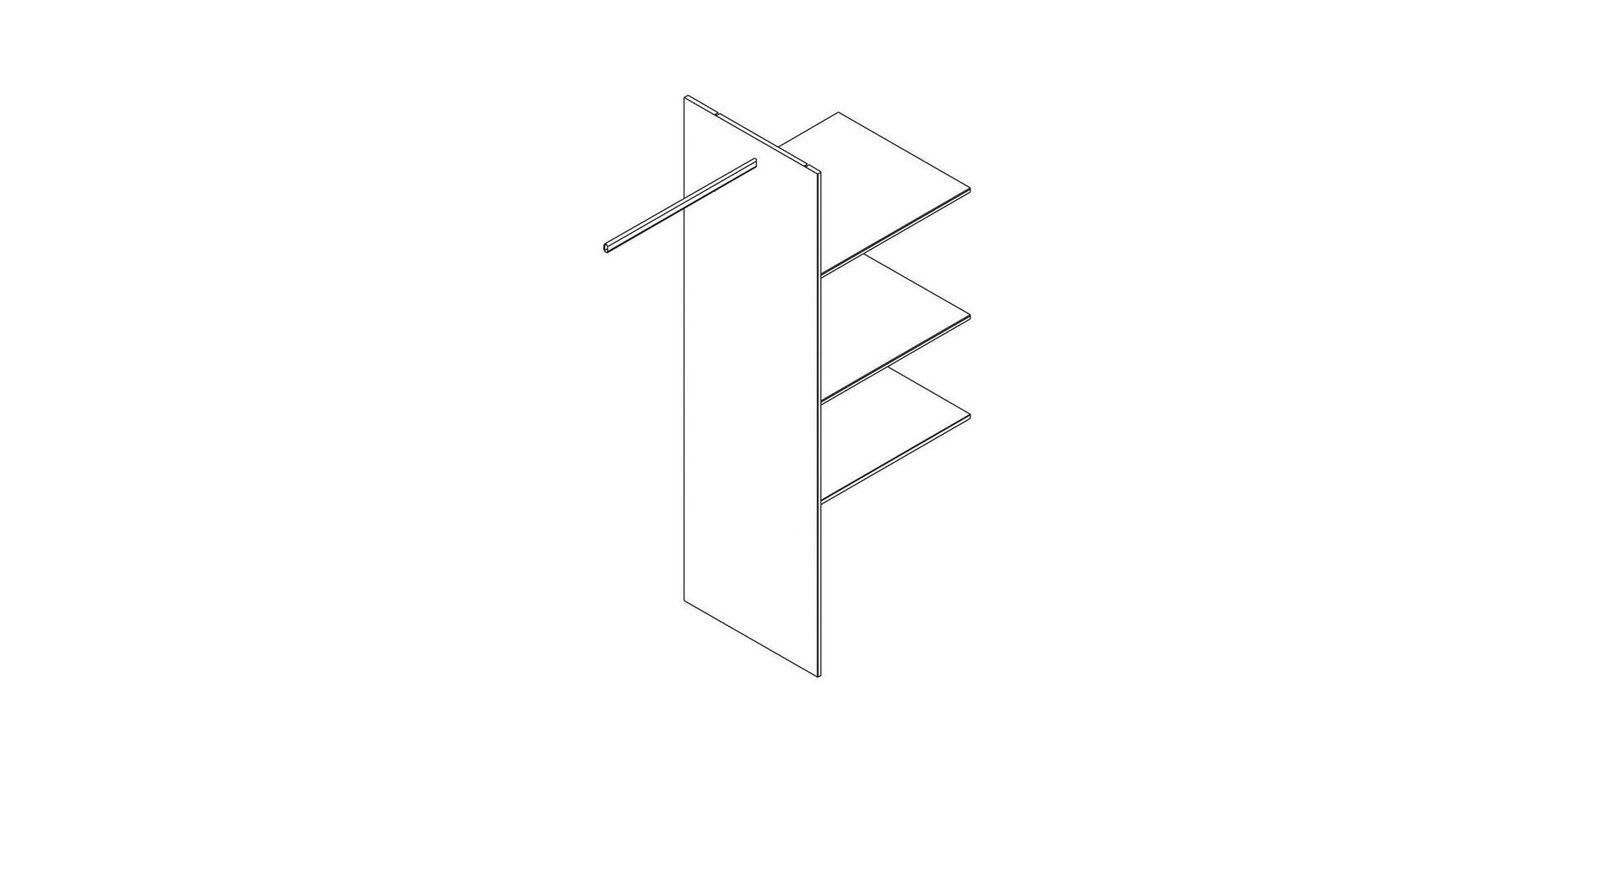 Robuste Innenausstattung Kleiderschrank breite Trennwand mit Einlegeböden